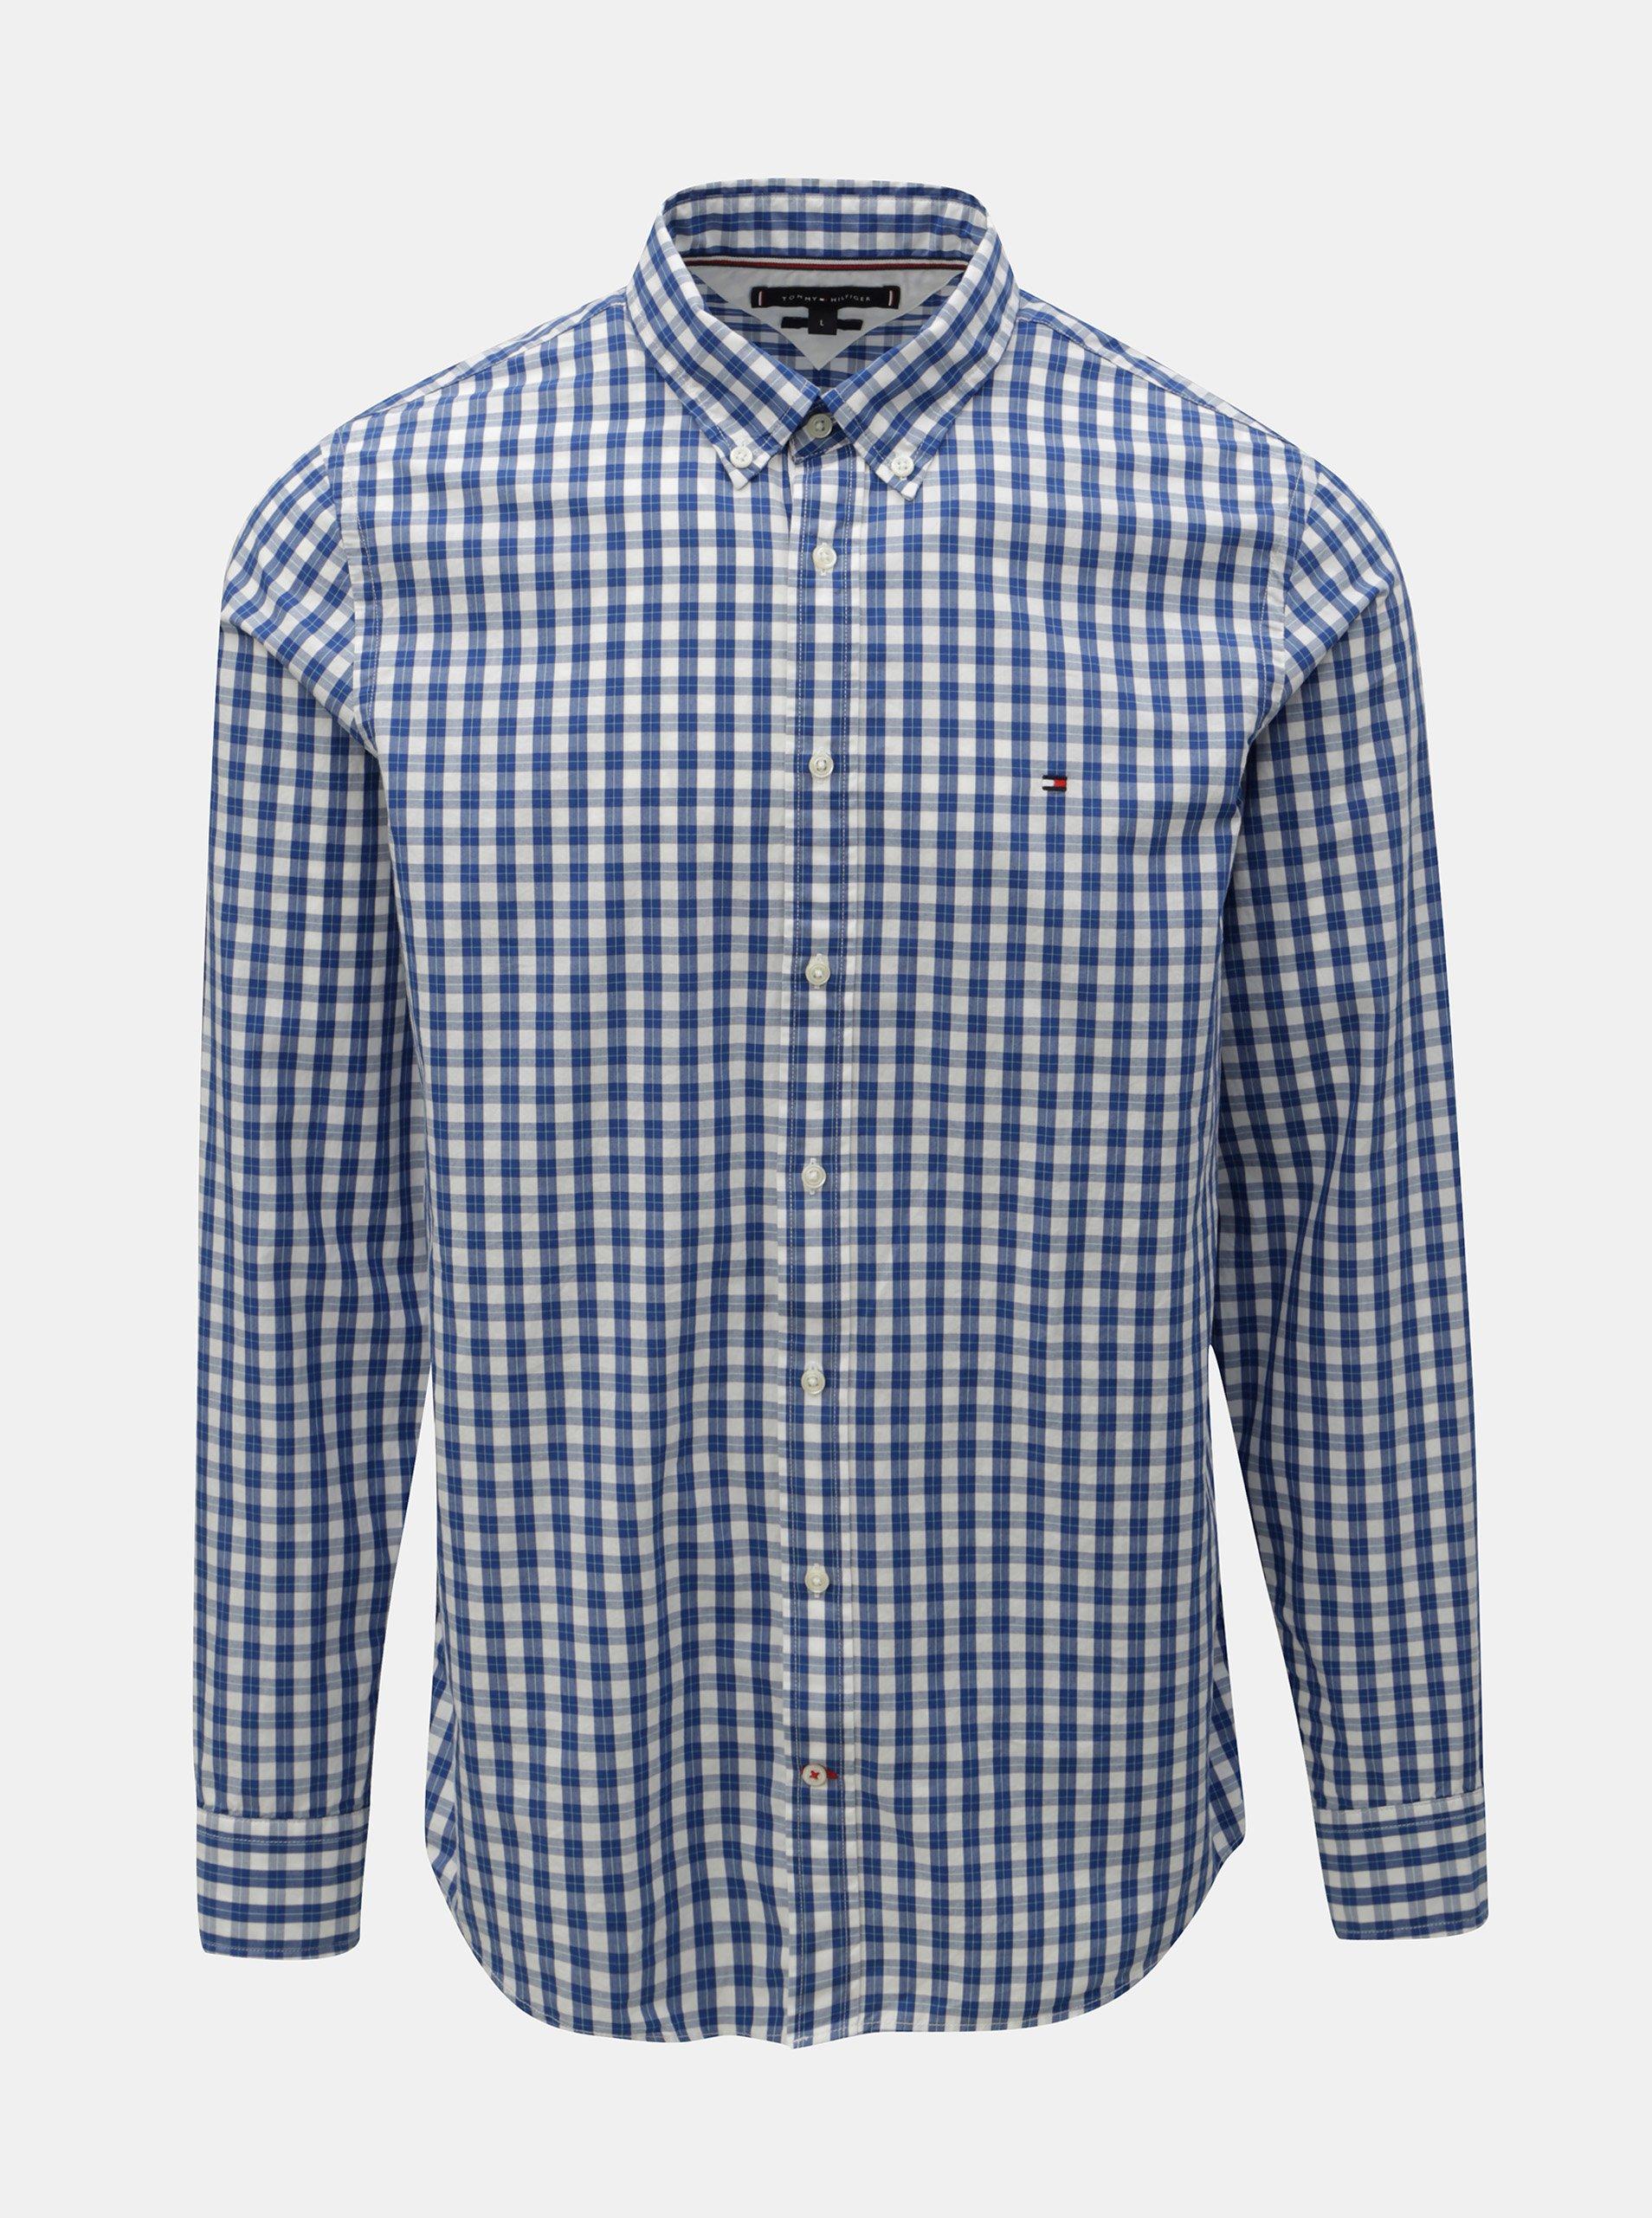 922129f9b569 Modrá pánská kostkovaná slim fit košile Tommy Hilfiger